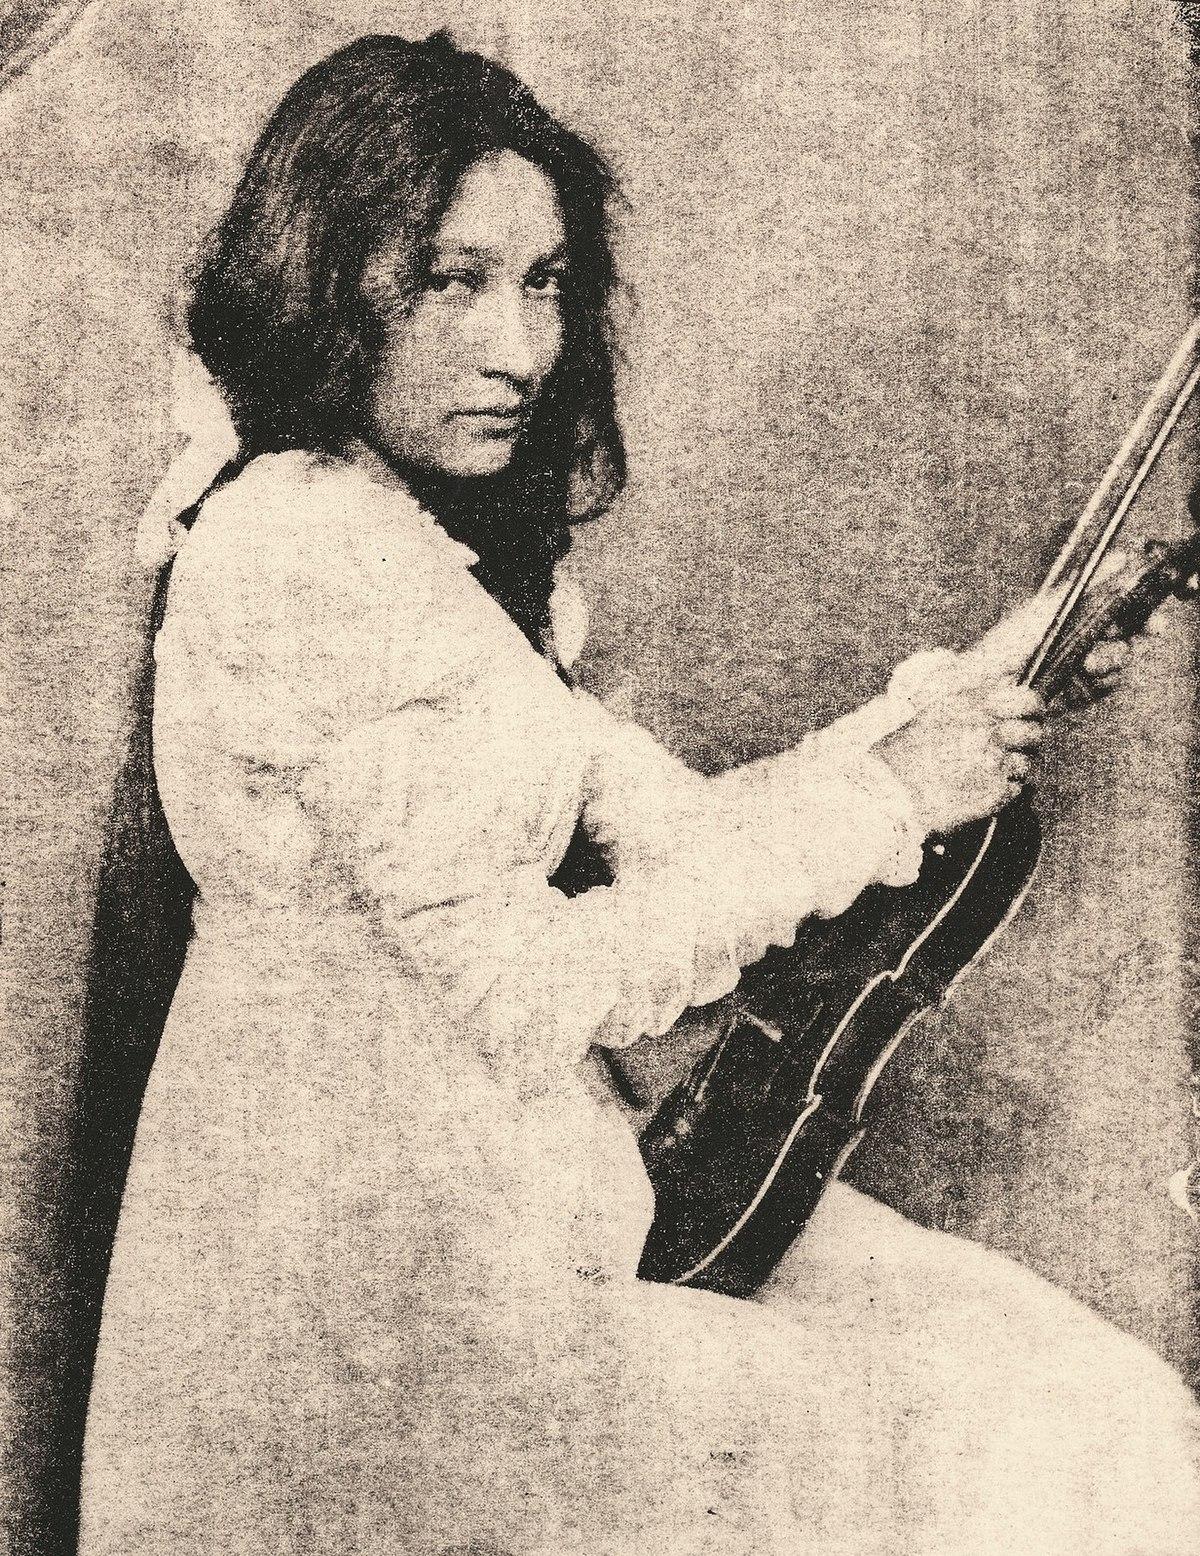 File:Zitkala Sa 1898 with violin.jpg - Wikimedia CommonsZitkala Sa